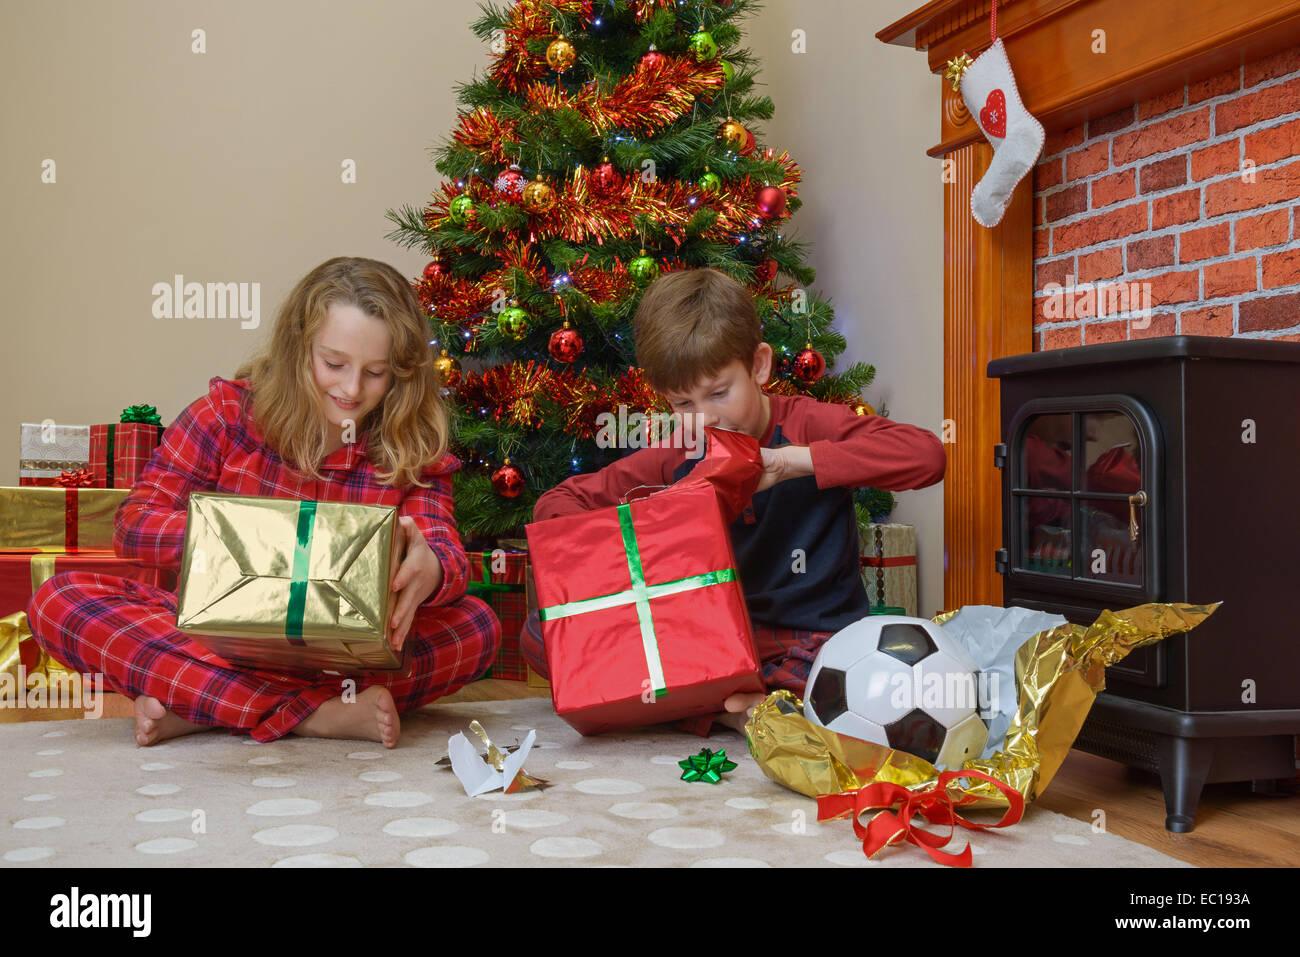 Dos niños, un niño y una niña, abriendo sus regalos en la mañana de Navidad. Imagen De Stock